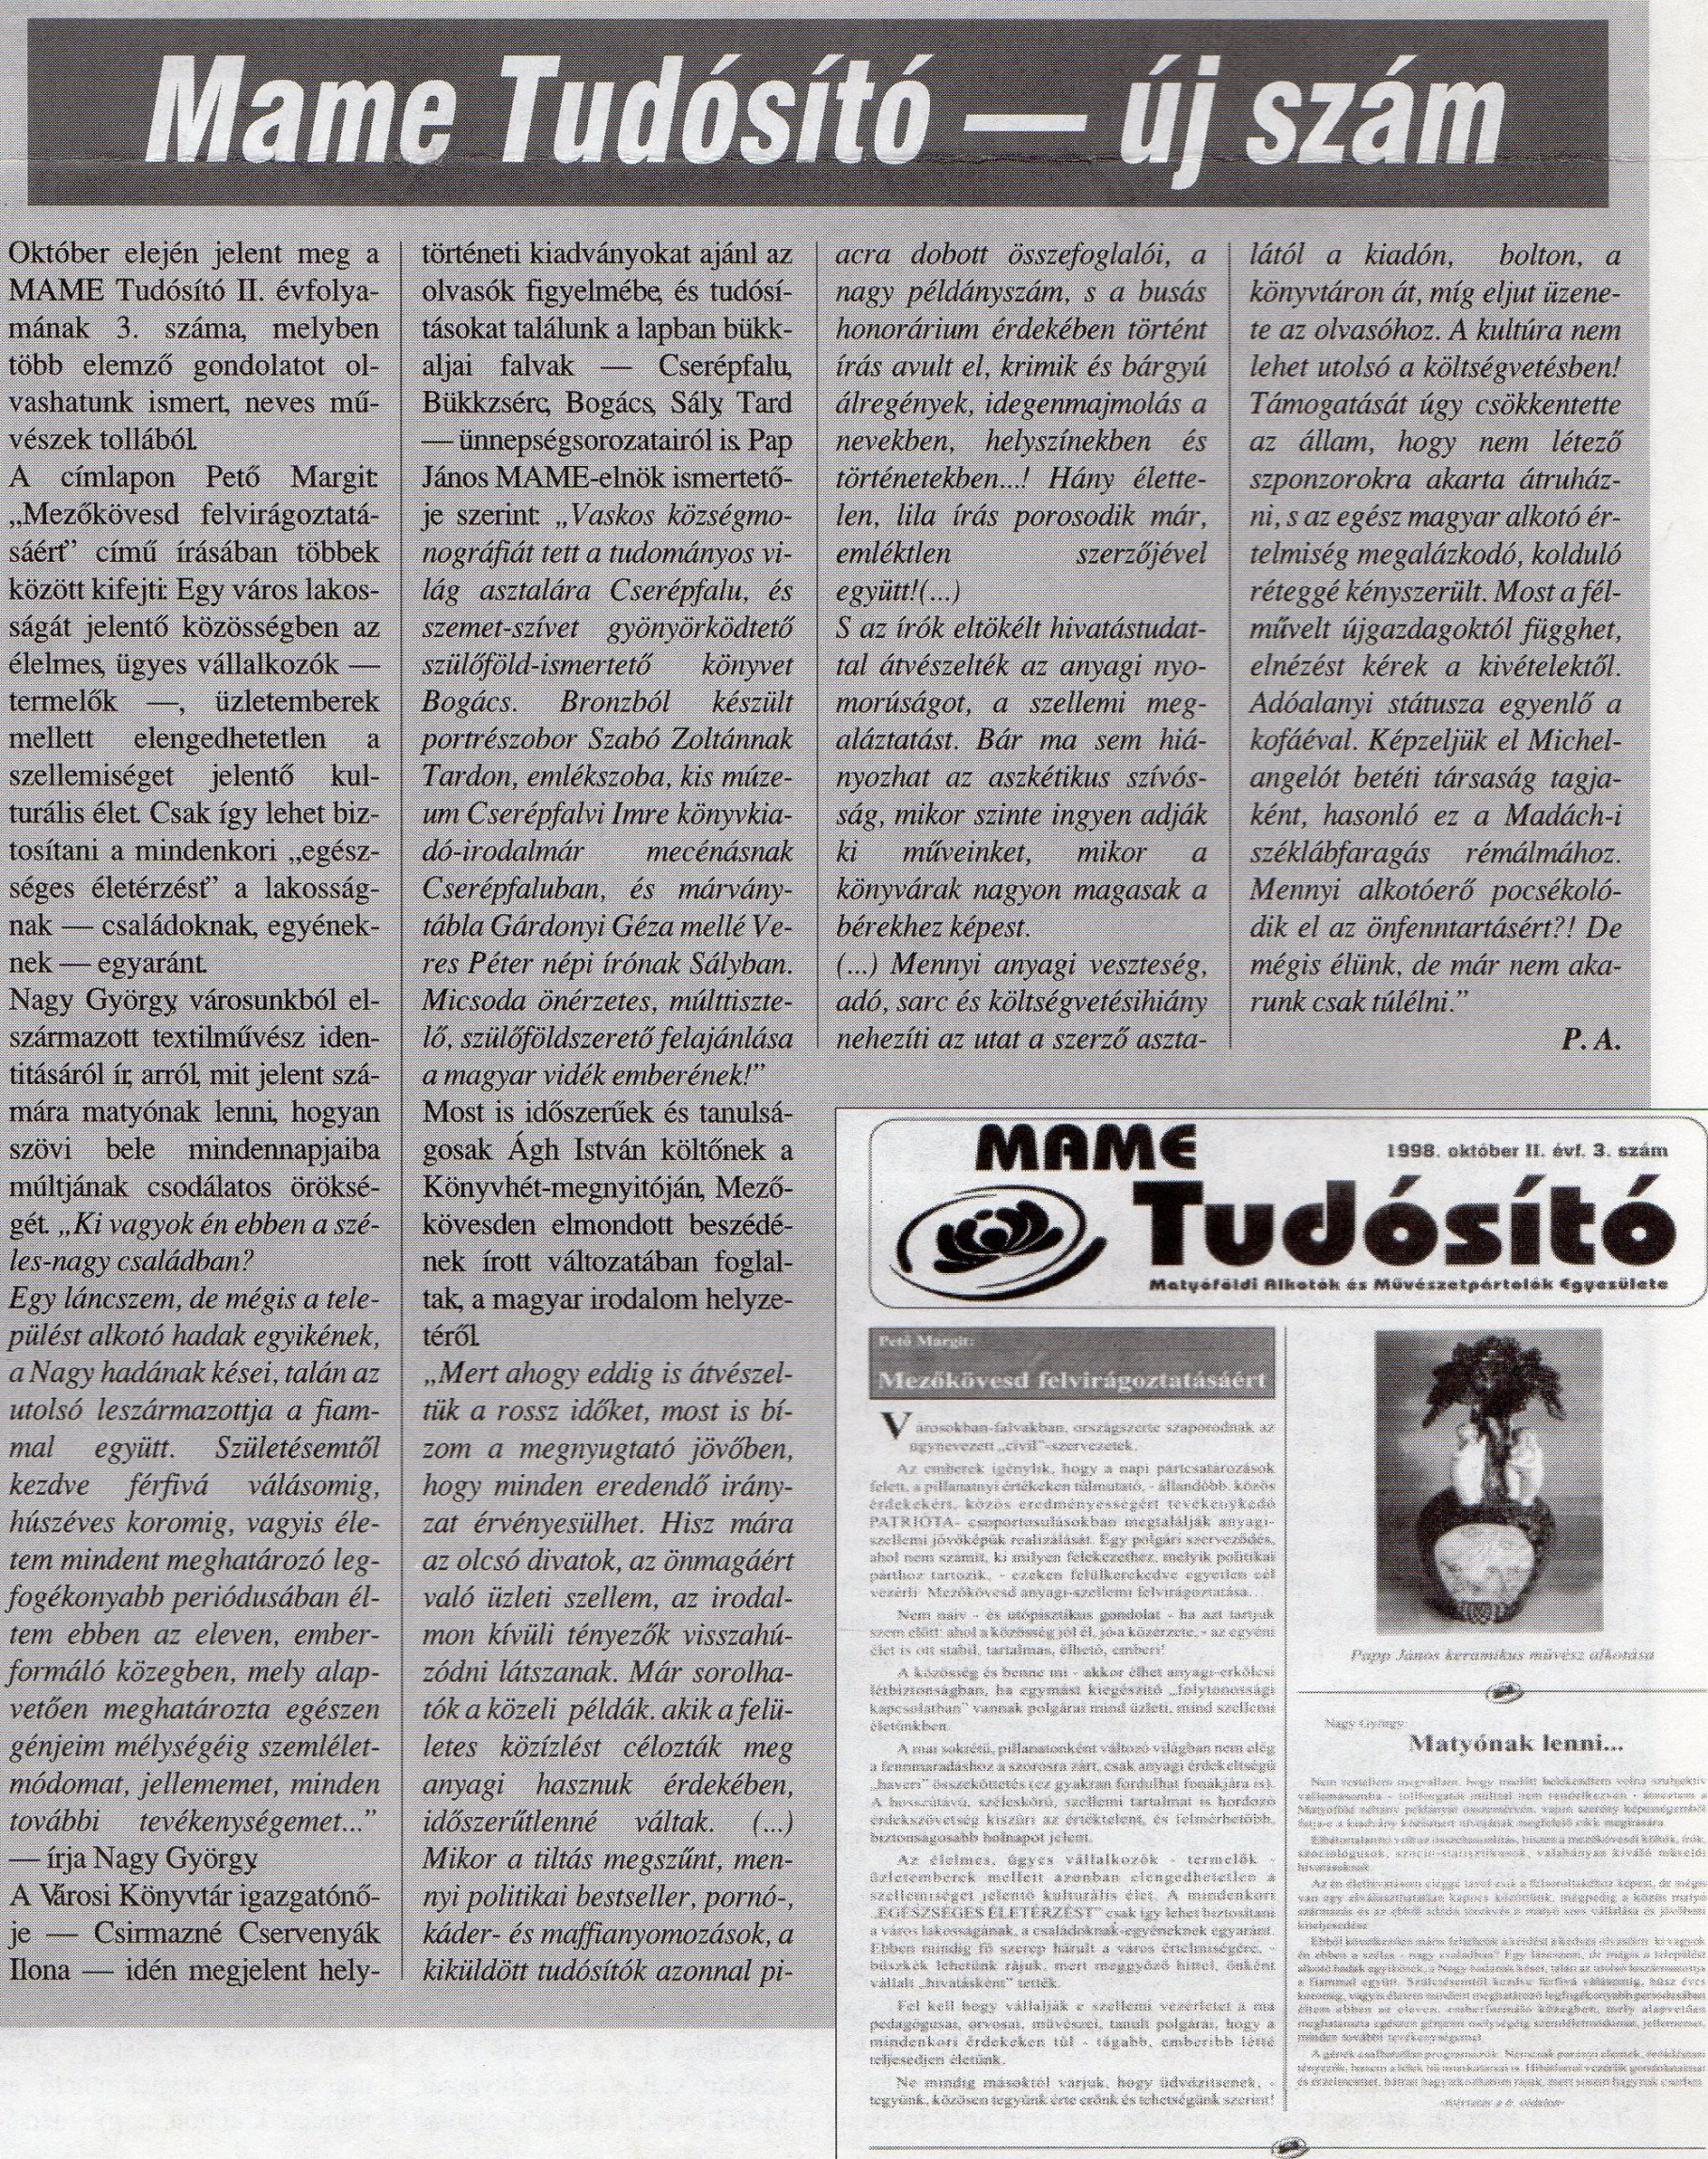 MAME Tudósító 1998 november 23.